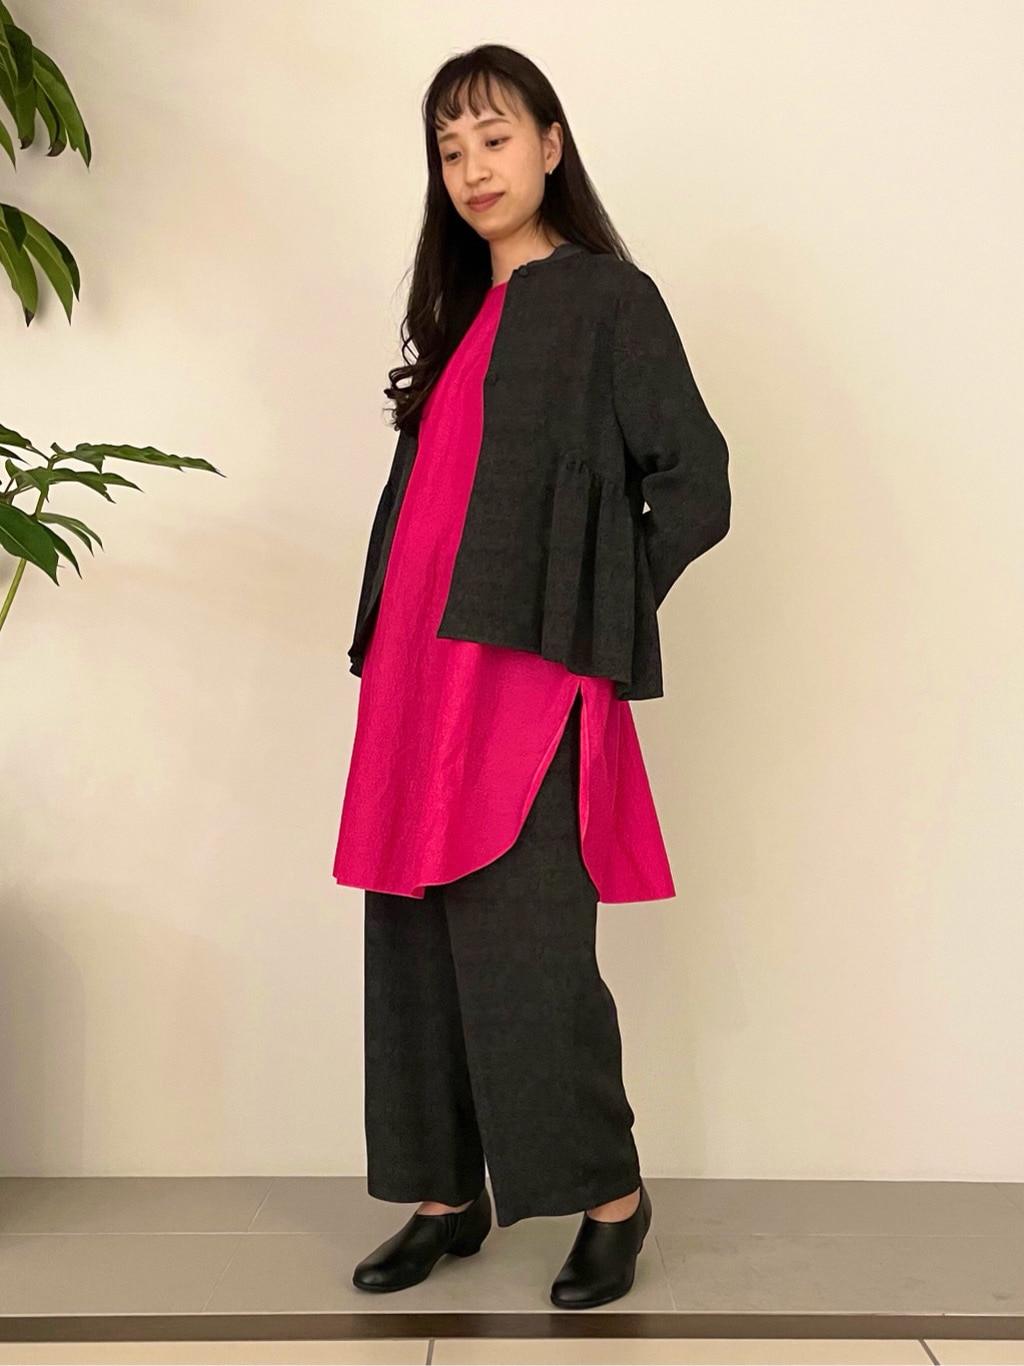 yuni 二子玉川ライズ 身長:164cm 2021.05.01